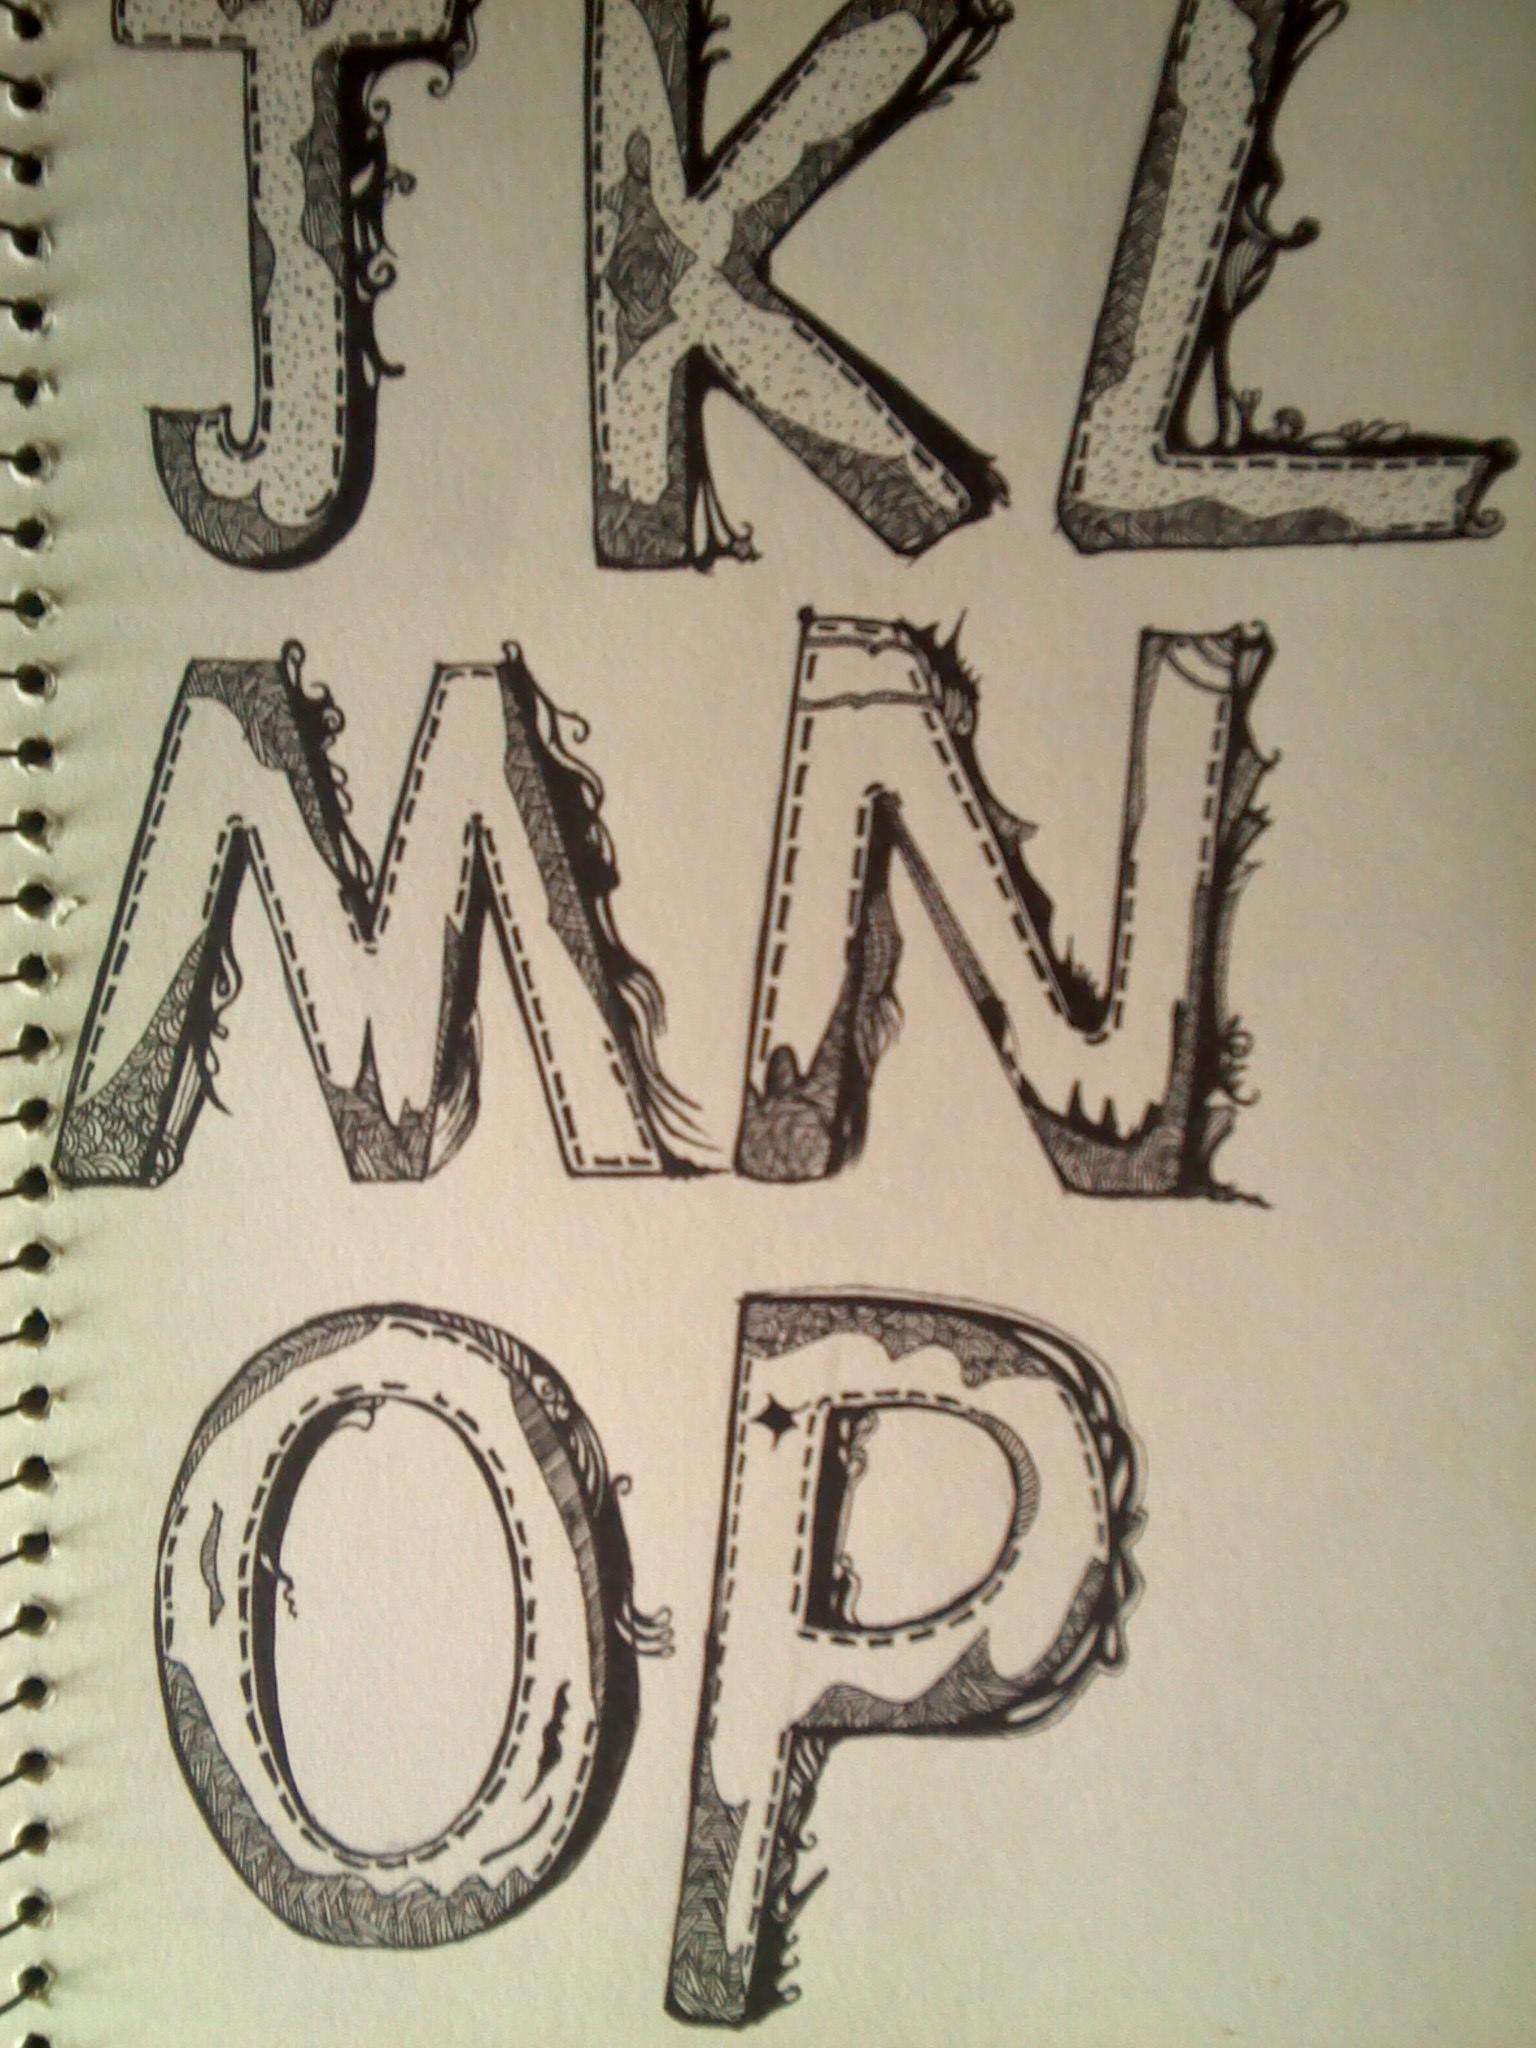 手绘字体26个英文字母